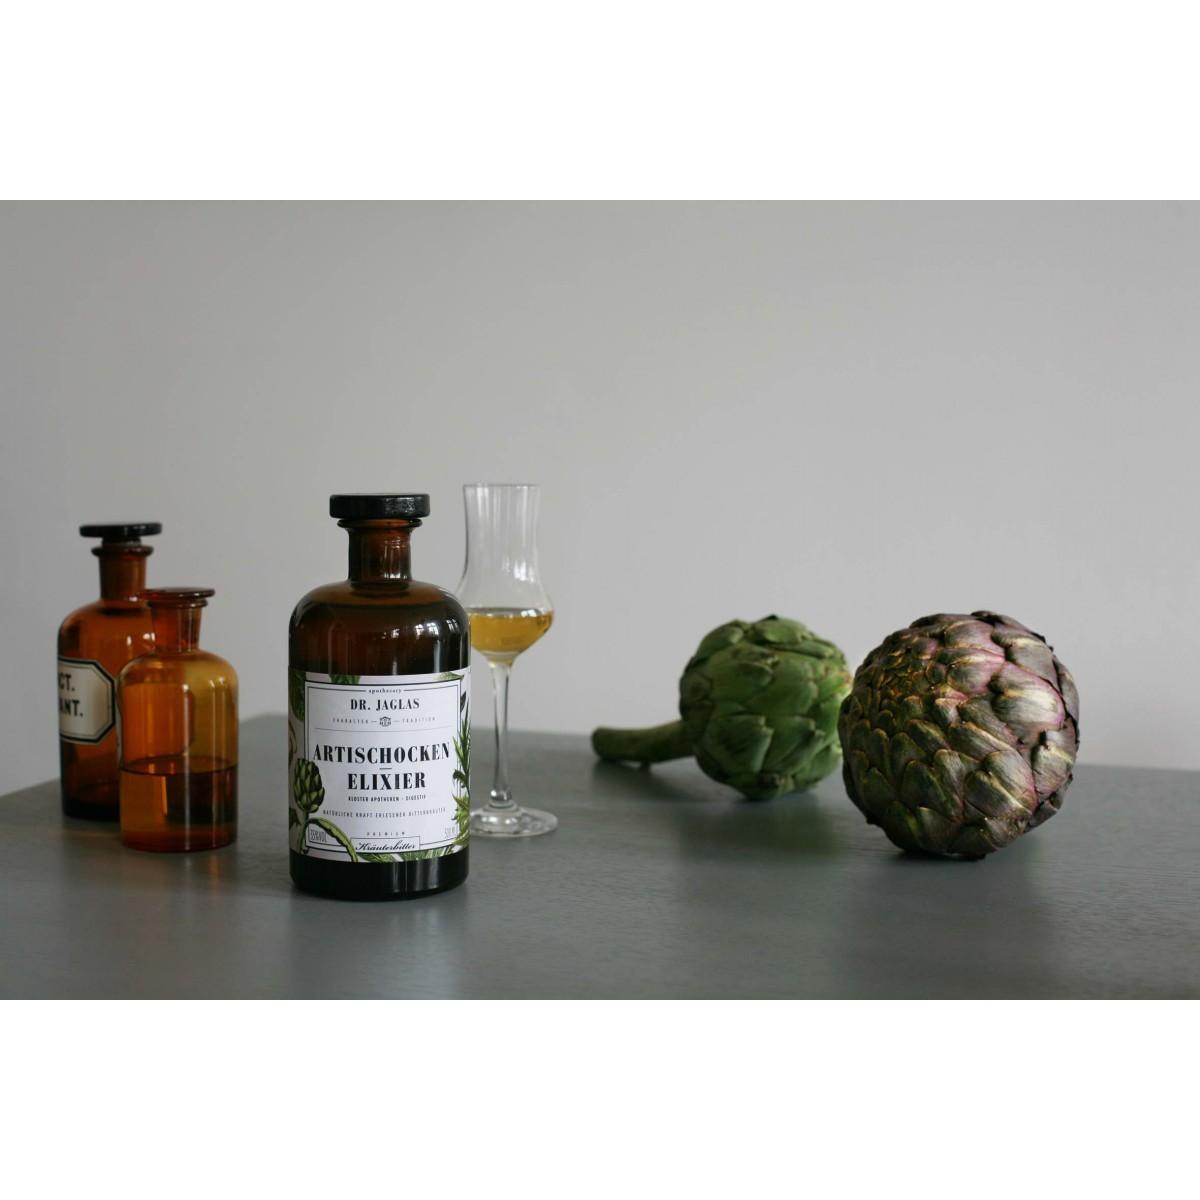 Artischocken-Elixier 500ml  Klosterapotheken Digestif 35%vol